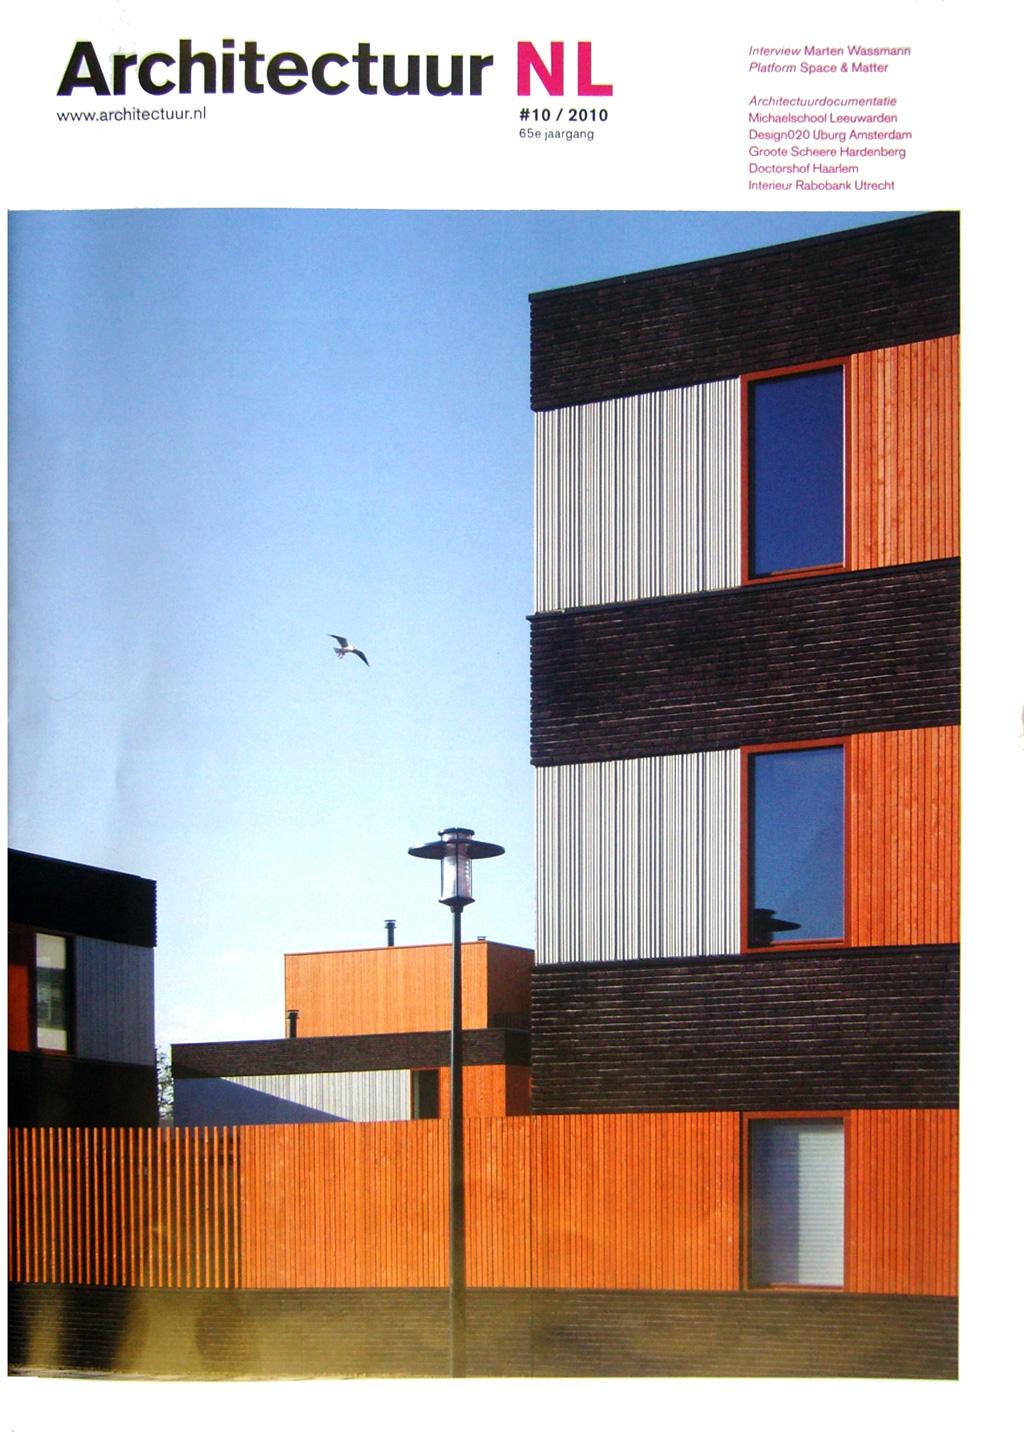 Architectuur NL 10, 2010